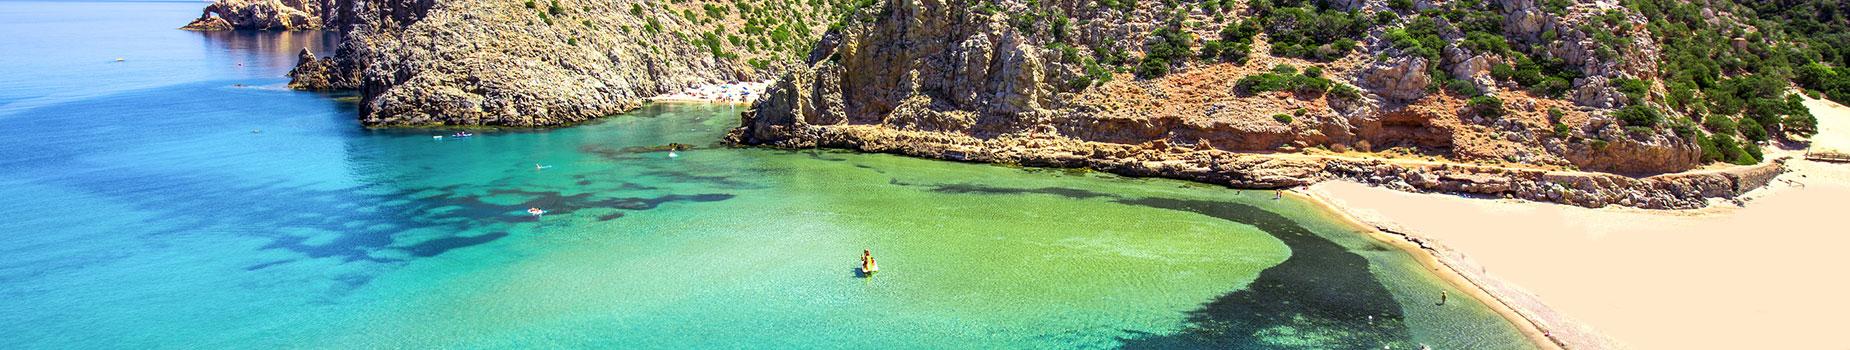 Vlieg busreis Sardinië